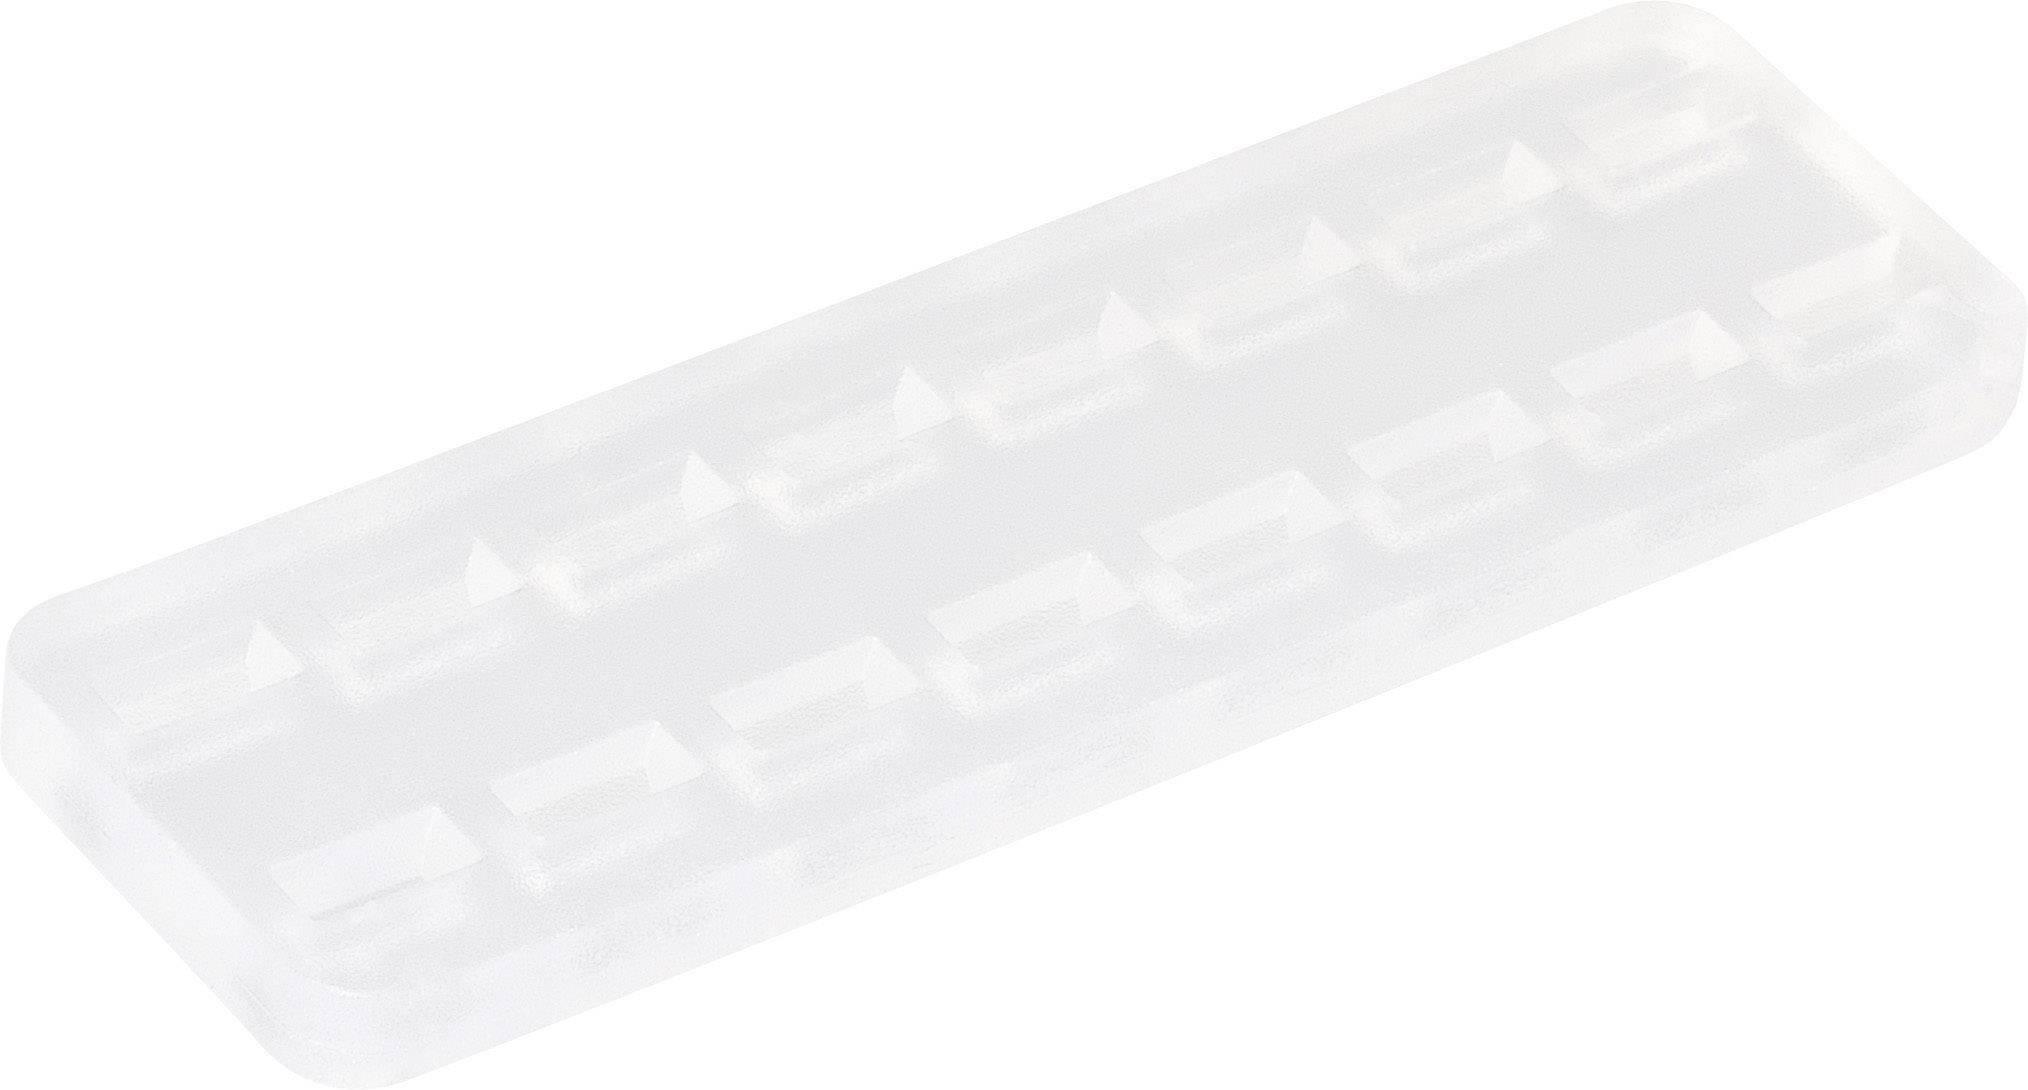 Těsnění pro J-P-T pouzdro TE Connectivity J-P-T (963205-1), přírodní